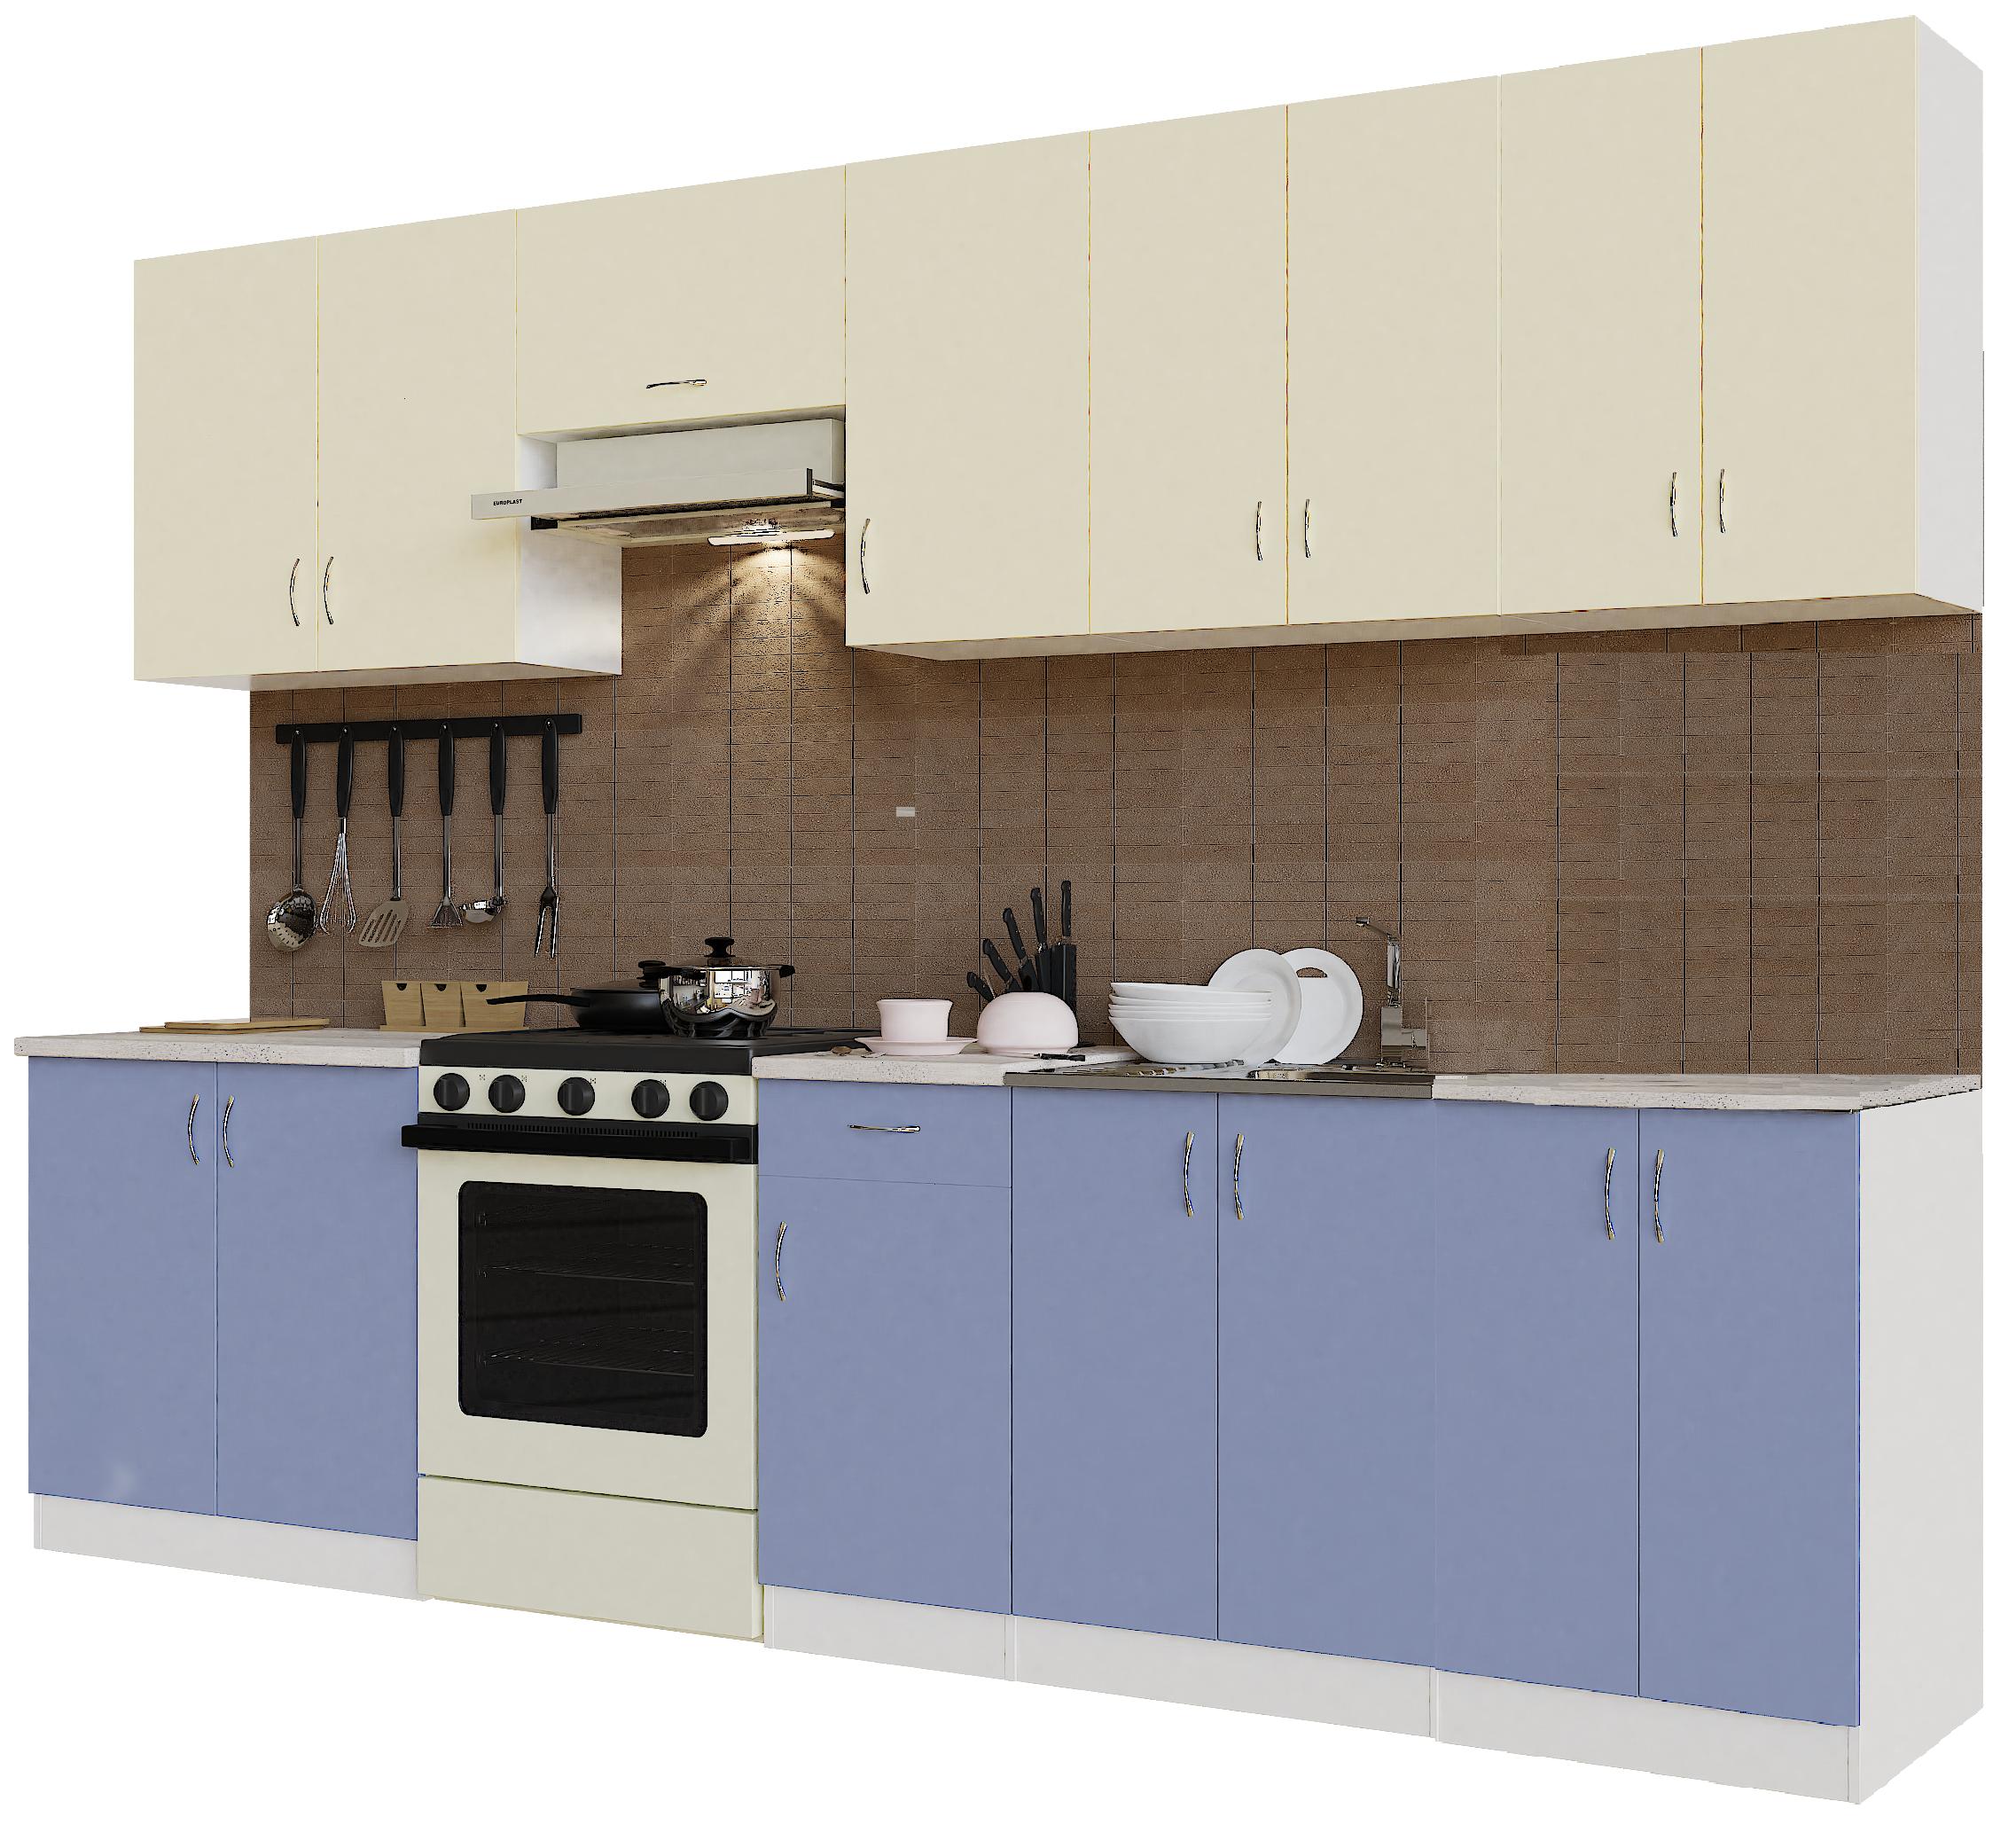 Кухонный гарнитур Sanvut ГК3000-5.6_9.2 Белый / Крем / Лаванда (гренобль)